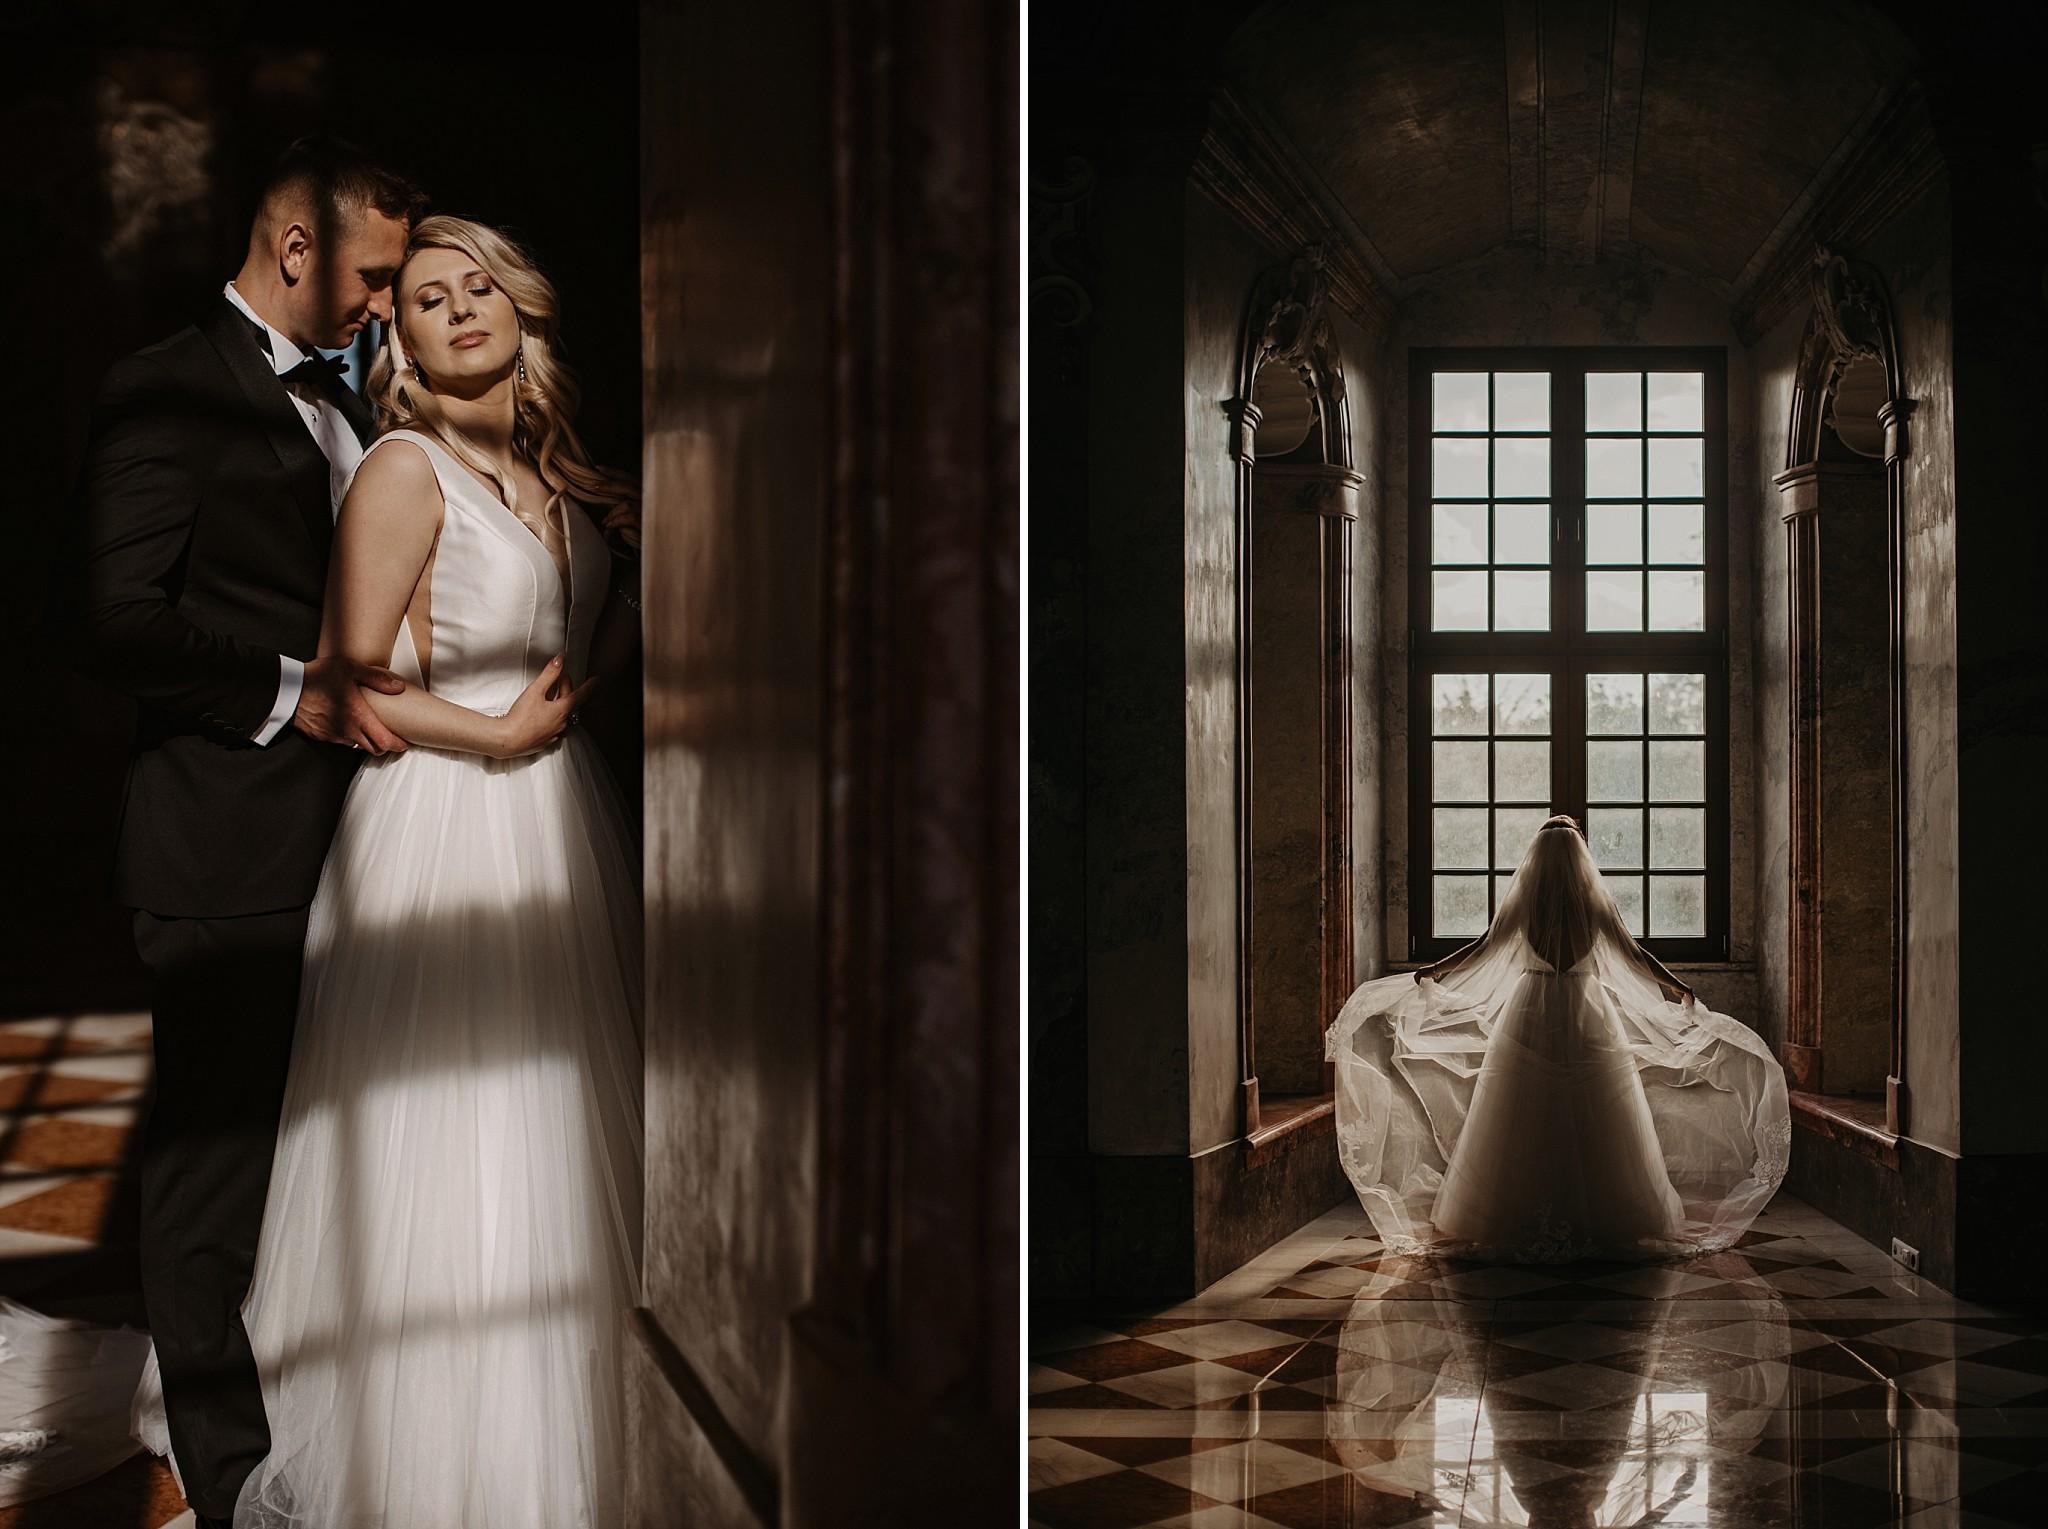 lubiaz opactwo cystersow sesja na zamku sesja zdjeciowa sesja slubna w palacu sesja palac fotograf z poznania fotografia slubna poznan 111